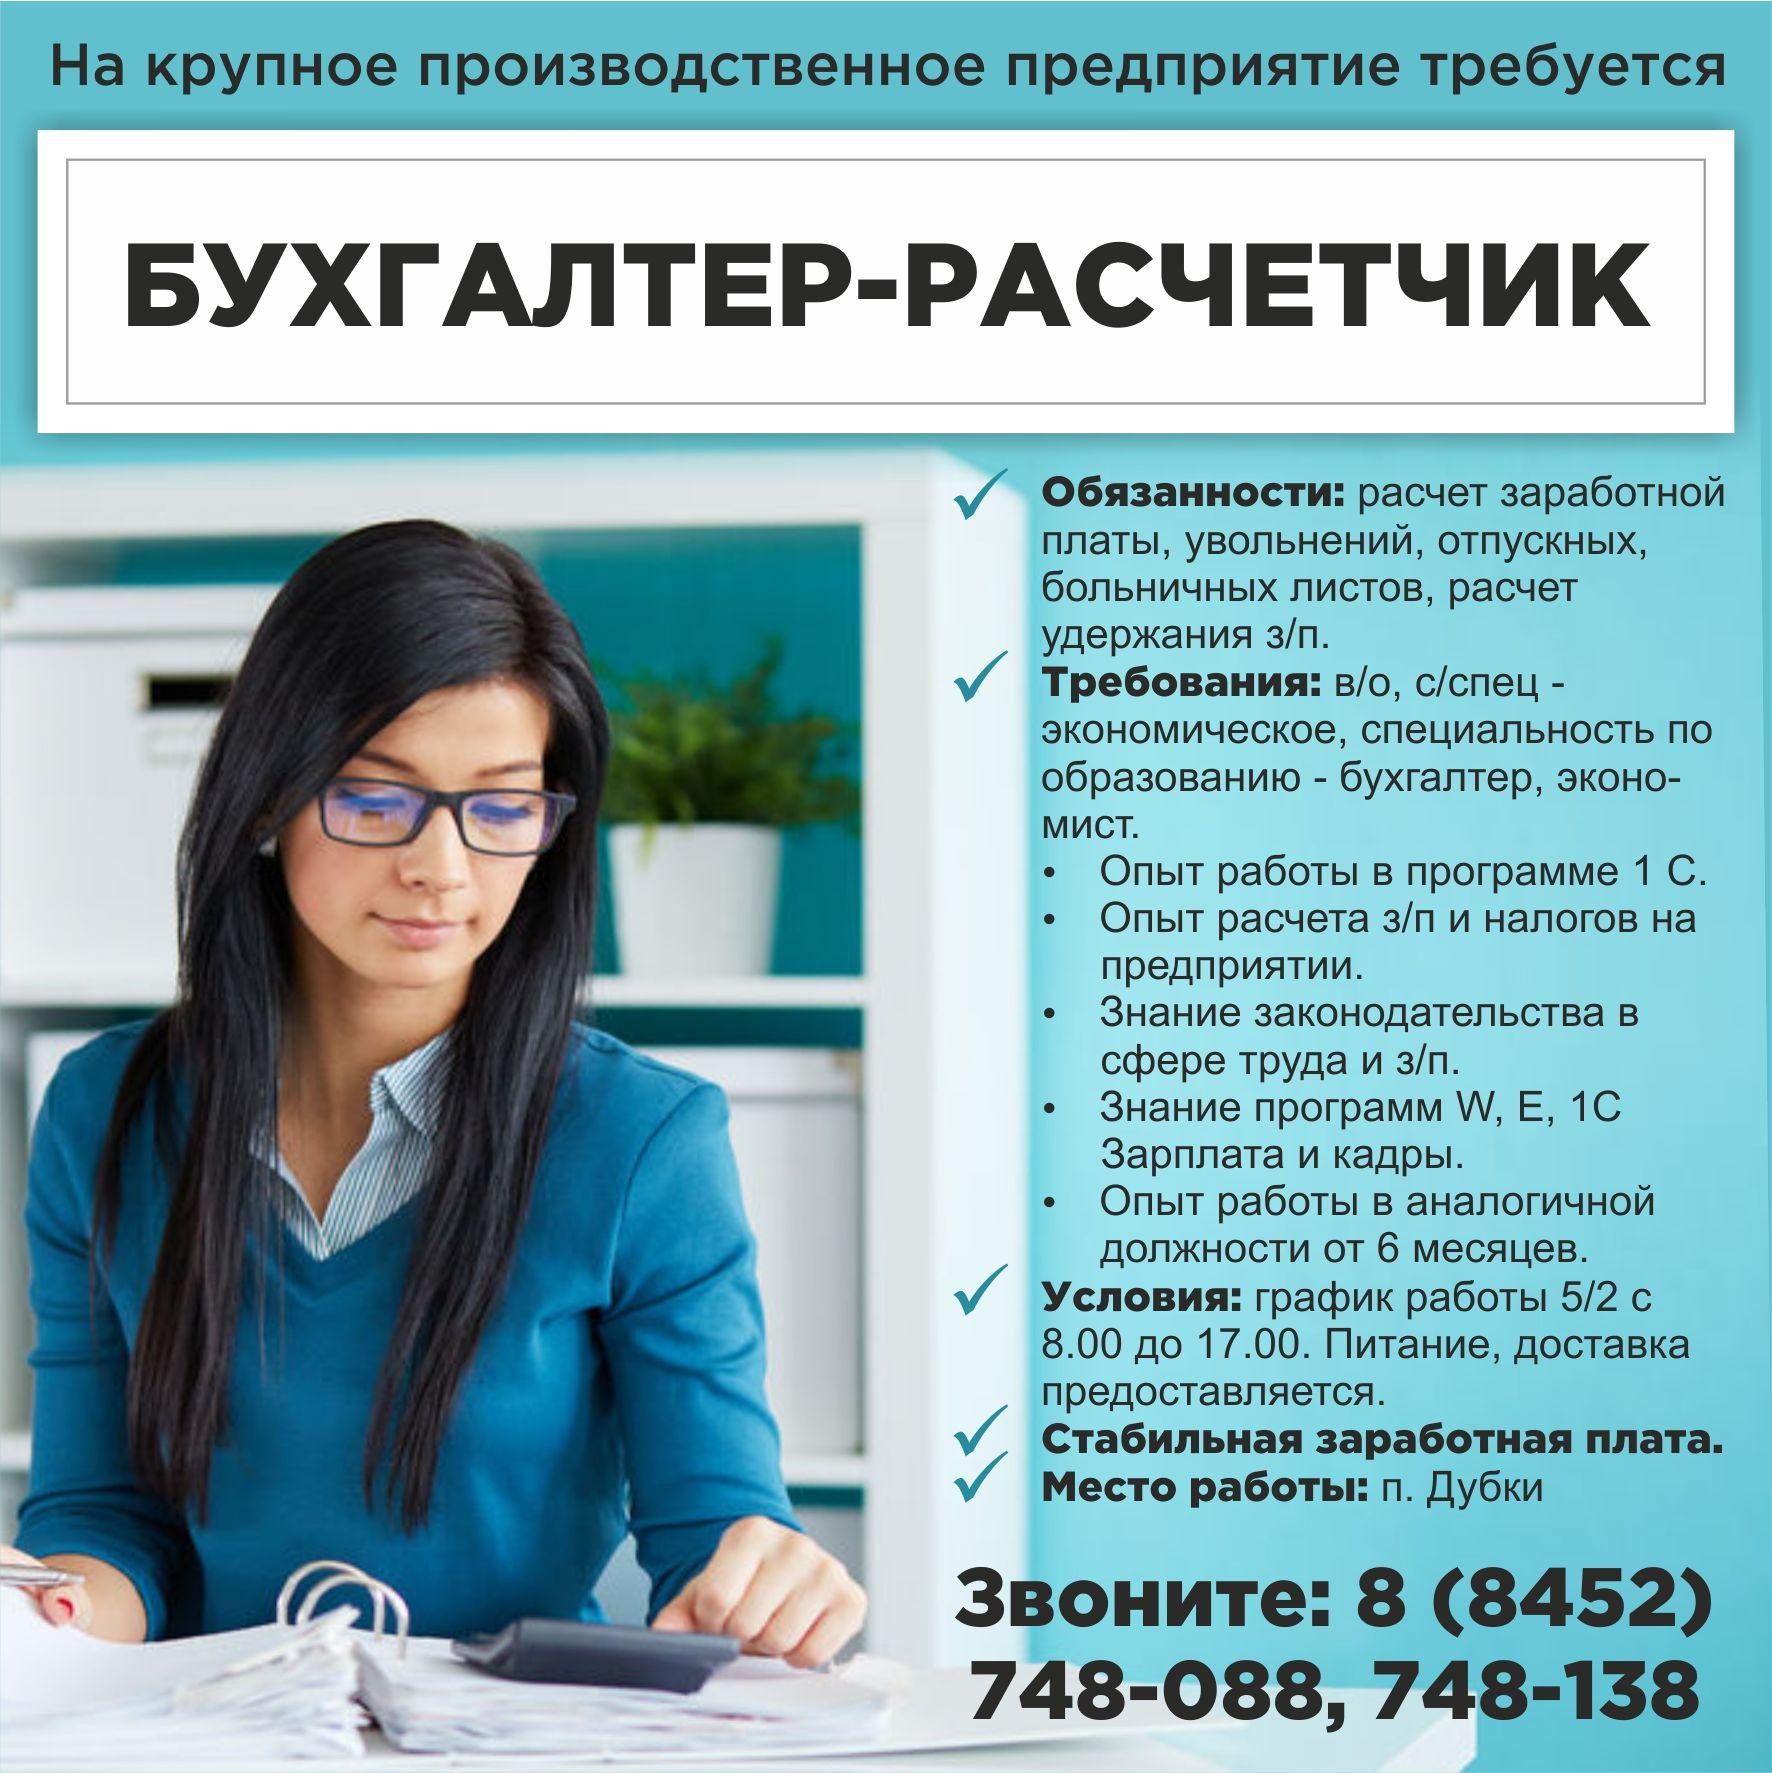 Вакансии бухгалтера в больницах москвы курсы бухгалтера для ип онлайн